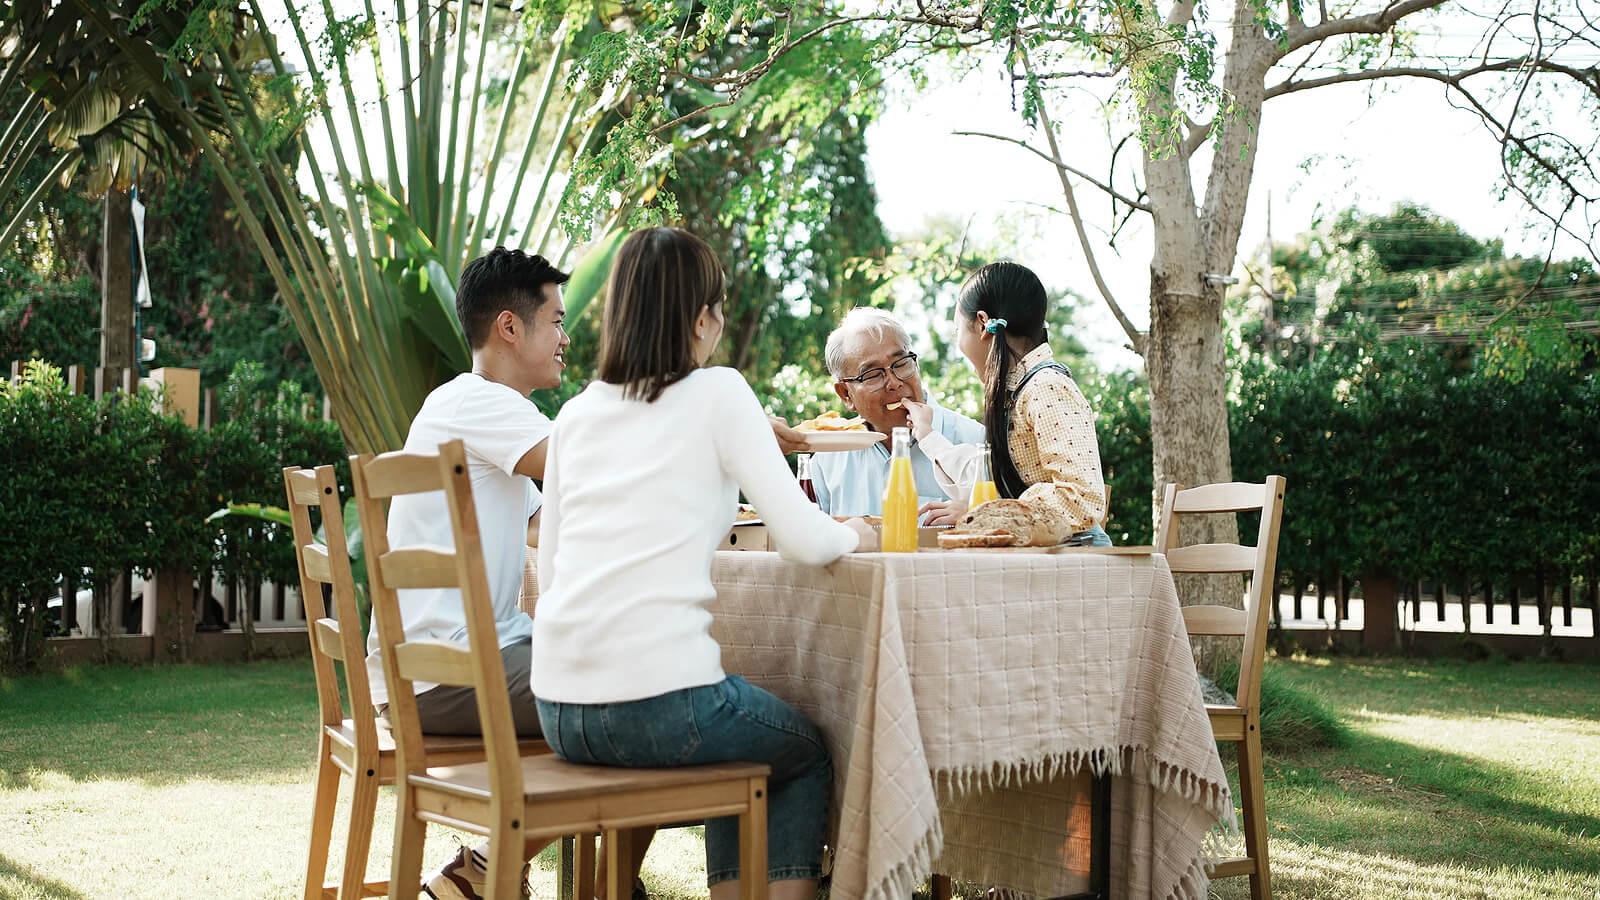 Familia hablando en la comida para ayudar a sus hijos a pensar en el futuro.